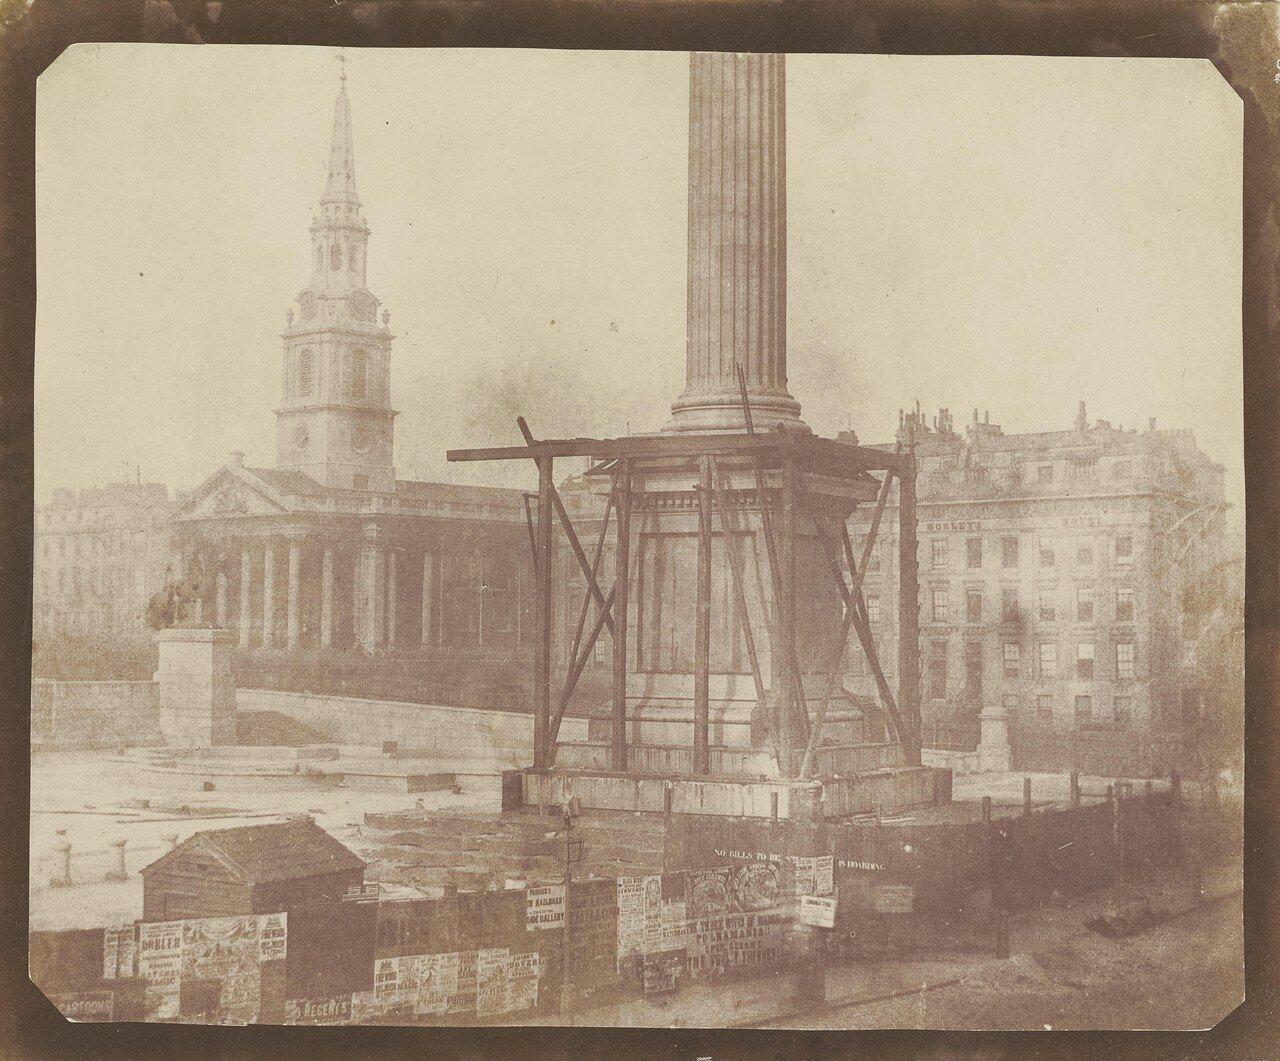 Лондон. Строительство Колонны Нельсона на Трафальгарской площади